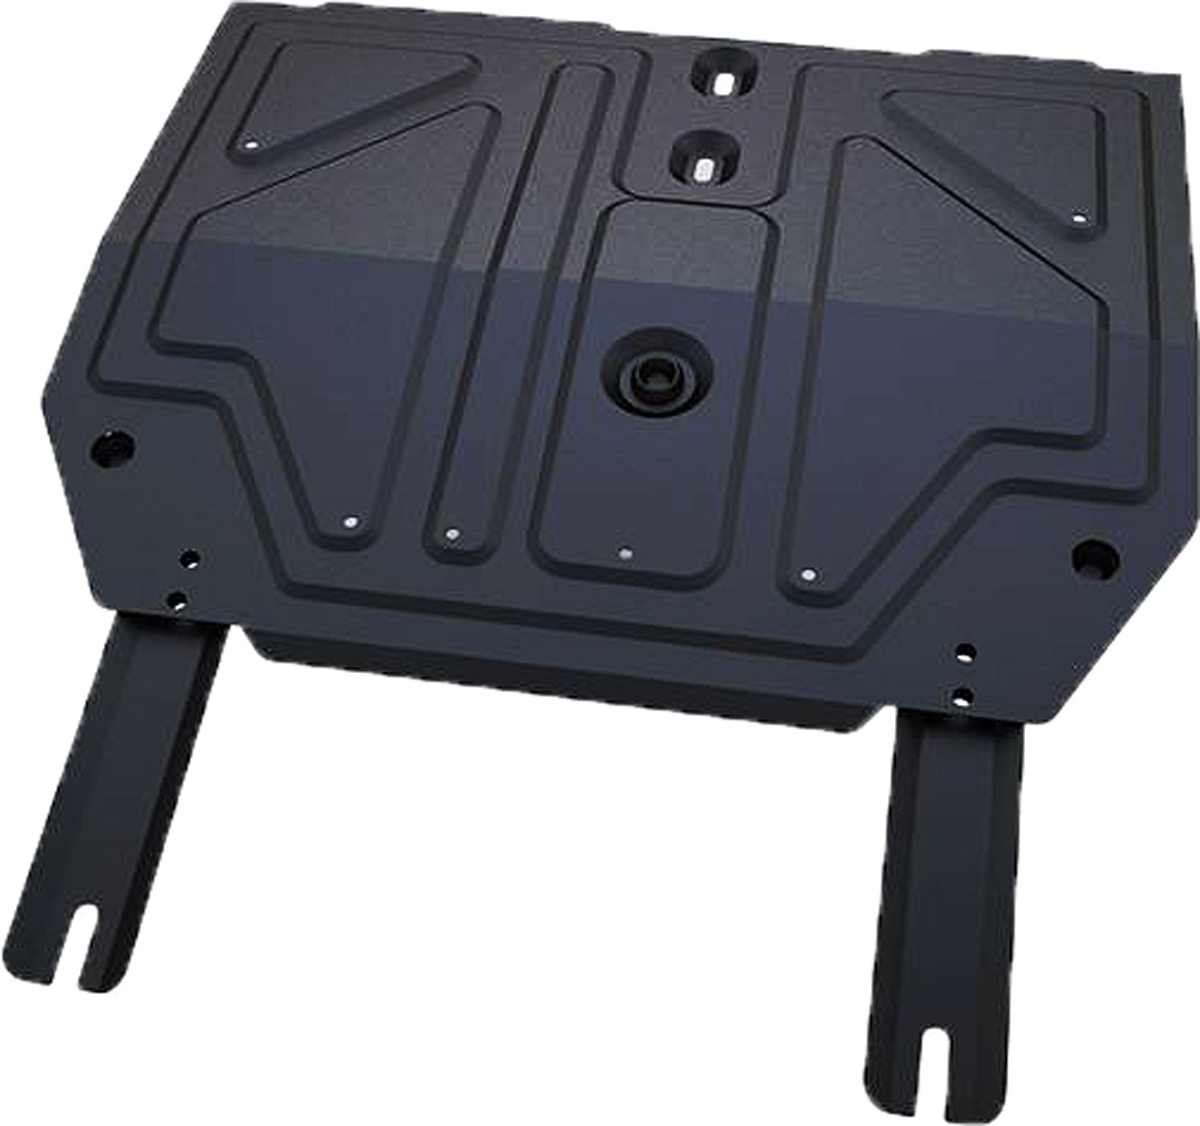 Защита картера и КПП Автоброня Chery Tiggo FL 2013-, сталь 2 мм111.00916.1Защита картера и КПП Автоброня Chery Tiggo FL, V - 1,6 2013-, сталь 2 мм, комплект крепежа, 111.00916.1Стальные защиты Автоброня надежно защищают ваш автомобиль от повреждений при наезде на бордюры, выступающие канализационные люки, кромки поврежденного асфальта или при ремонте дорог, не говоря уже о загородных дорогах. - Имеют оптимальное соотношение цена-качество. - Спроектированы с учетом особенностей автомобиля, что делает установку удобной. - Защита устанавливается в штатные места кузова автомобиля. - Является надежной защитой для важных элементов на протяжении долгих лет. - Глубокий штамп дополнительно усиливает конструкцию защиты. - Подштамповка в местах крепления защищает крепеж от срезания. - Технологические отверстия там, где они необходимы для смены масла и слива воды, оборудованные заглушками, закрепленными на защите. Толщина стали 2 мм. В комплекте крепеж и инструкция по установке.